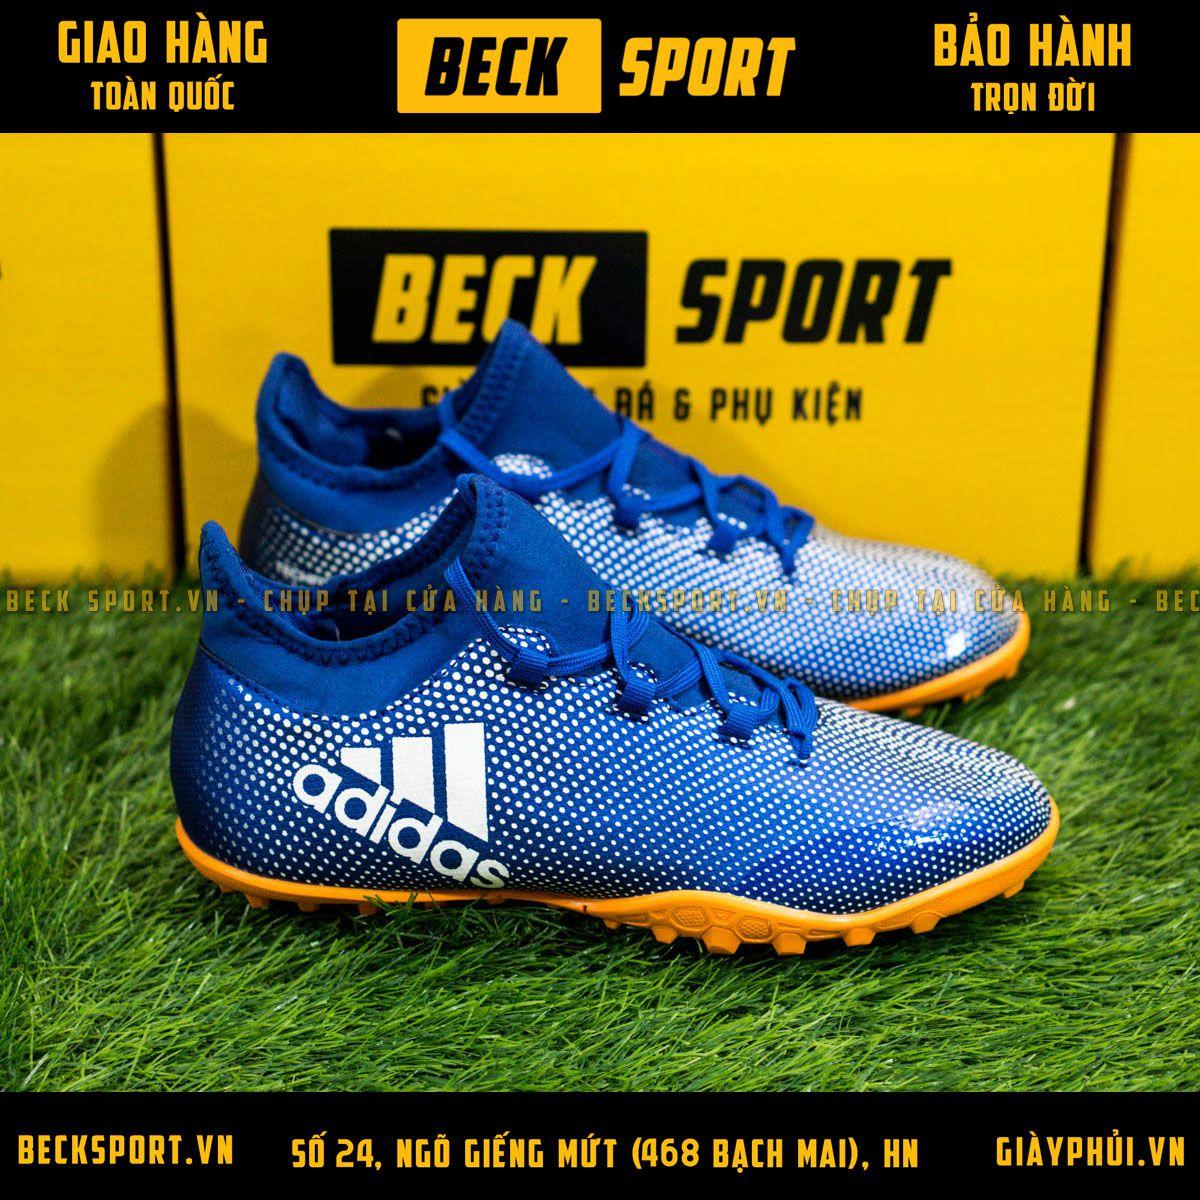 Giày Bóng Đá Adidas X 17.3 Xanh Biển Chấm Bi Trắng TF